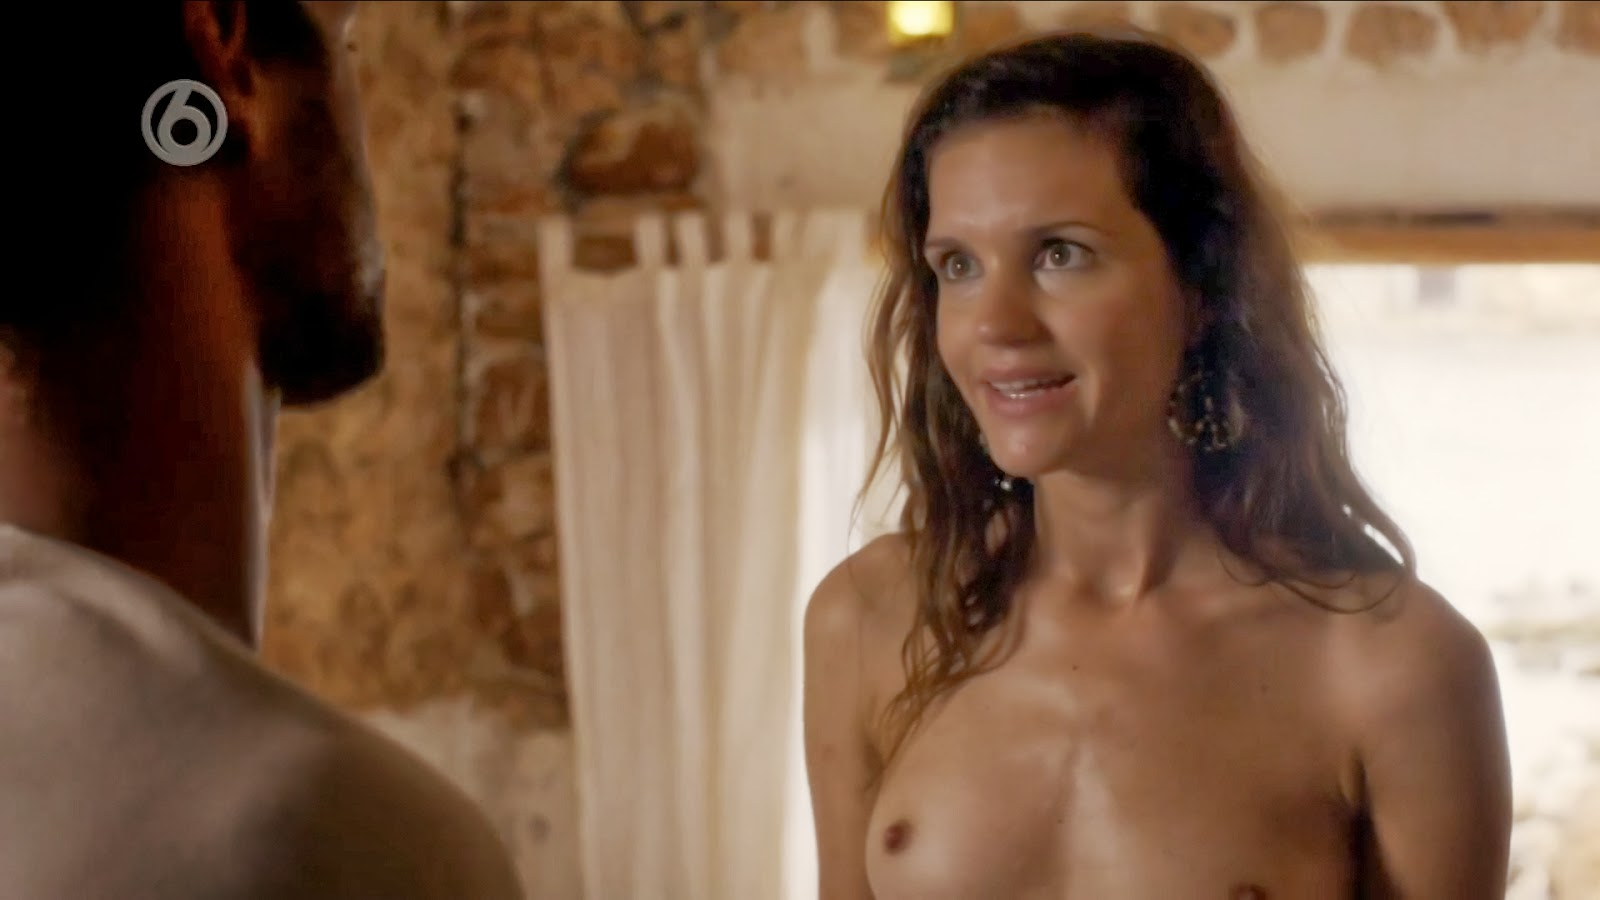 image Marly van der velden nude verliefd op ibiza 2013